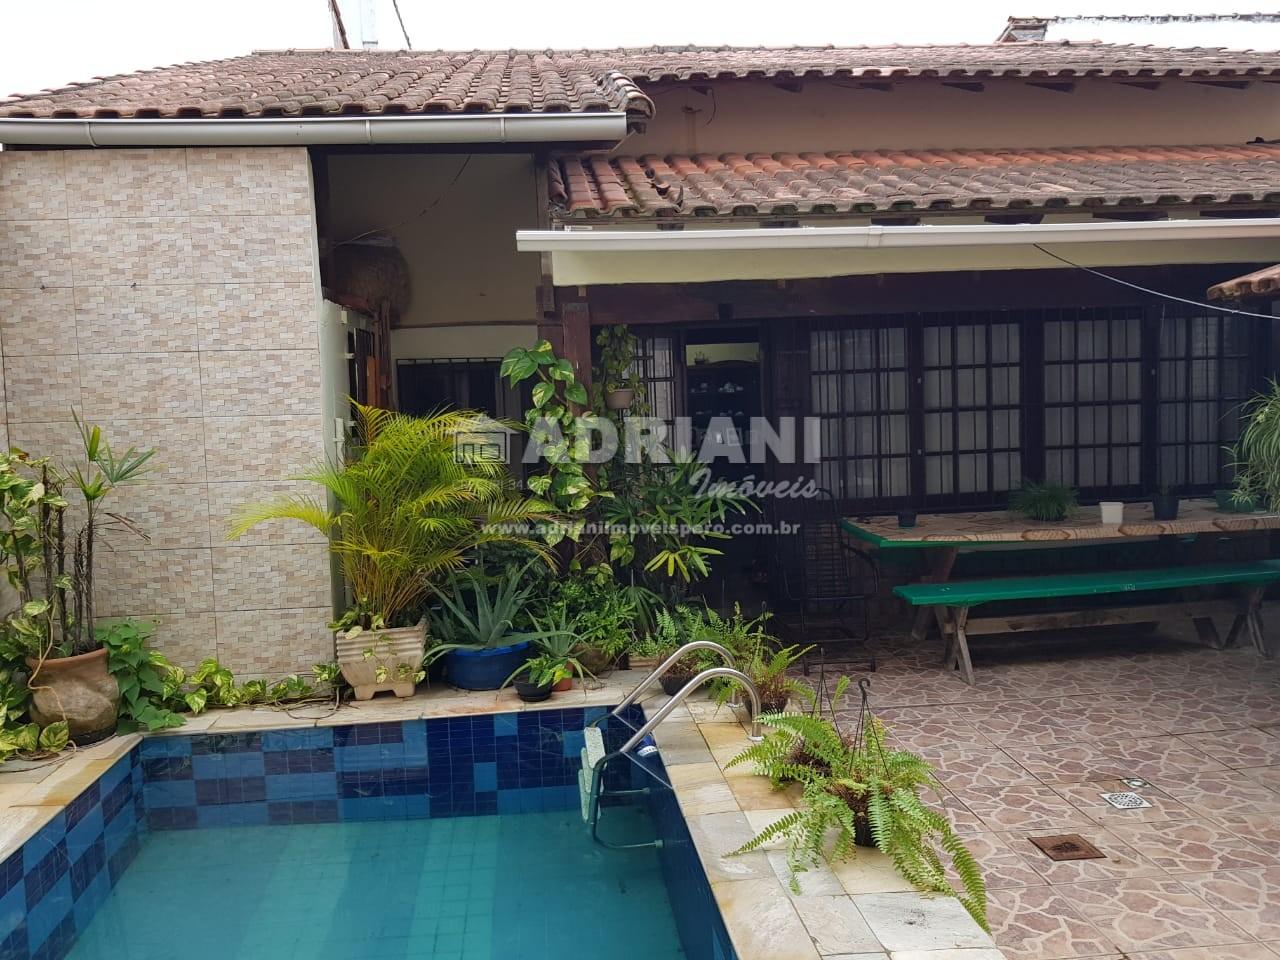 Cód 364 Casa independente com piscina, 2 quartos, venda, Peró, Cabo Frio – RJ